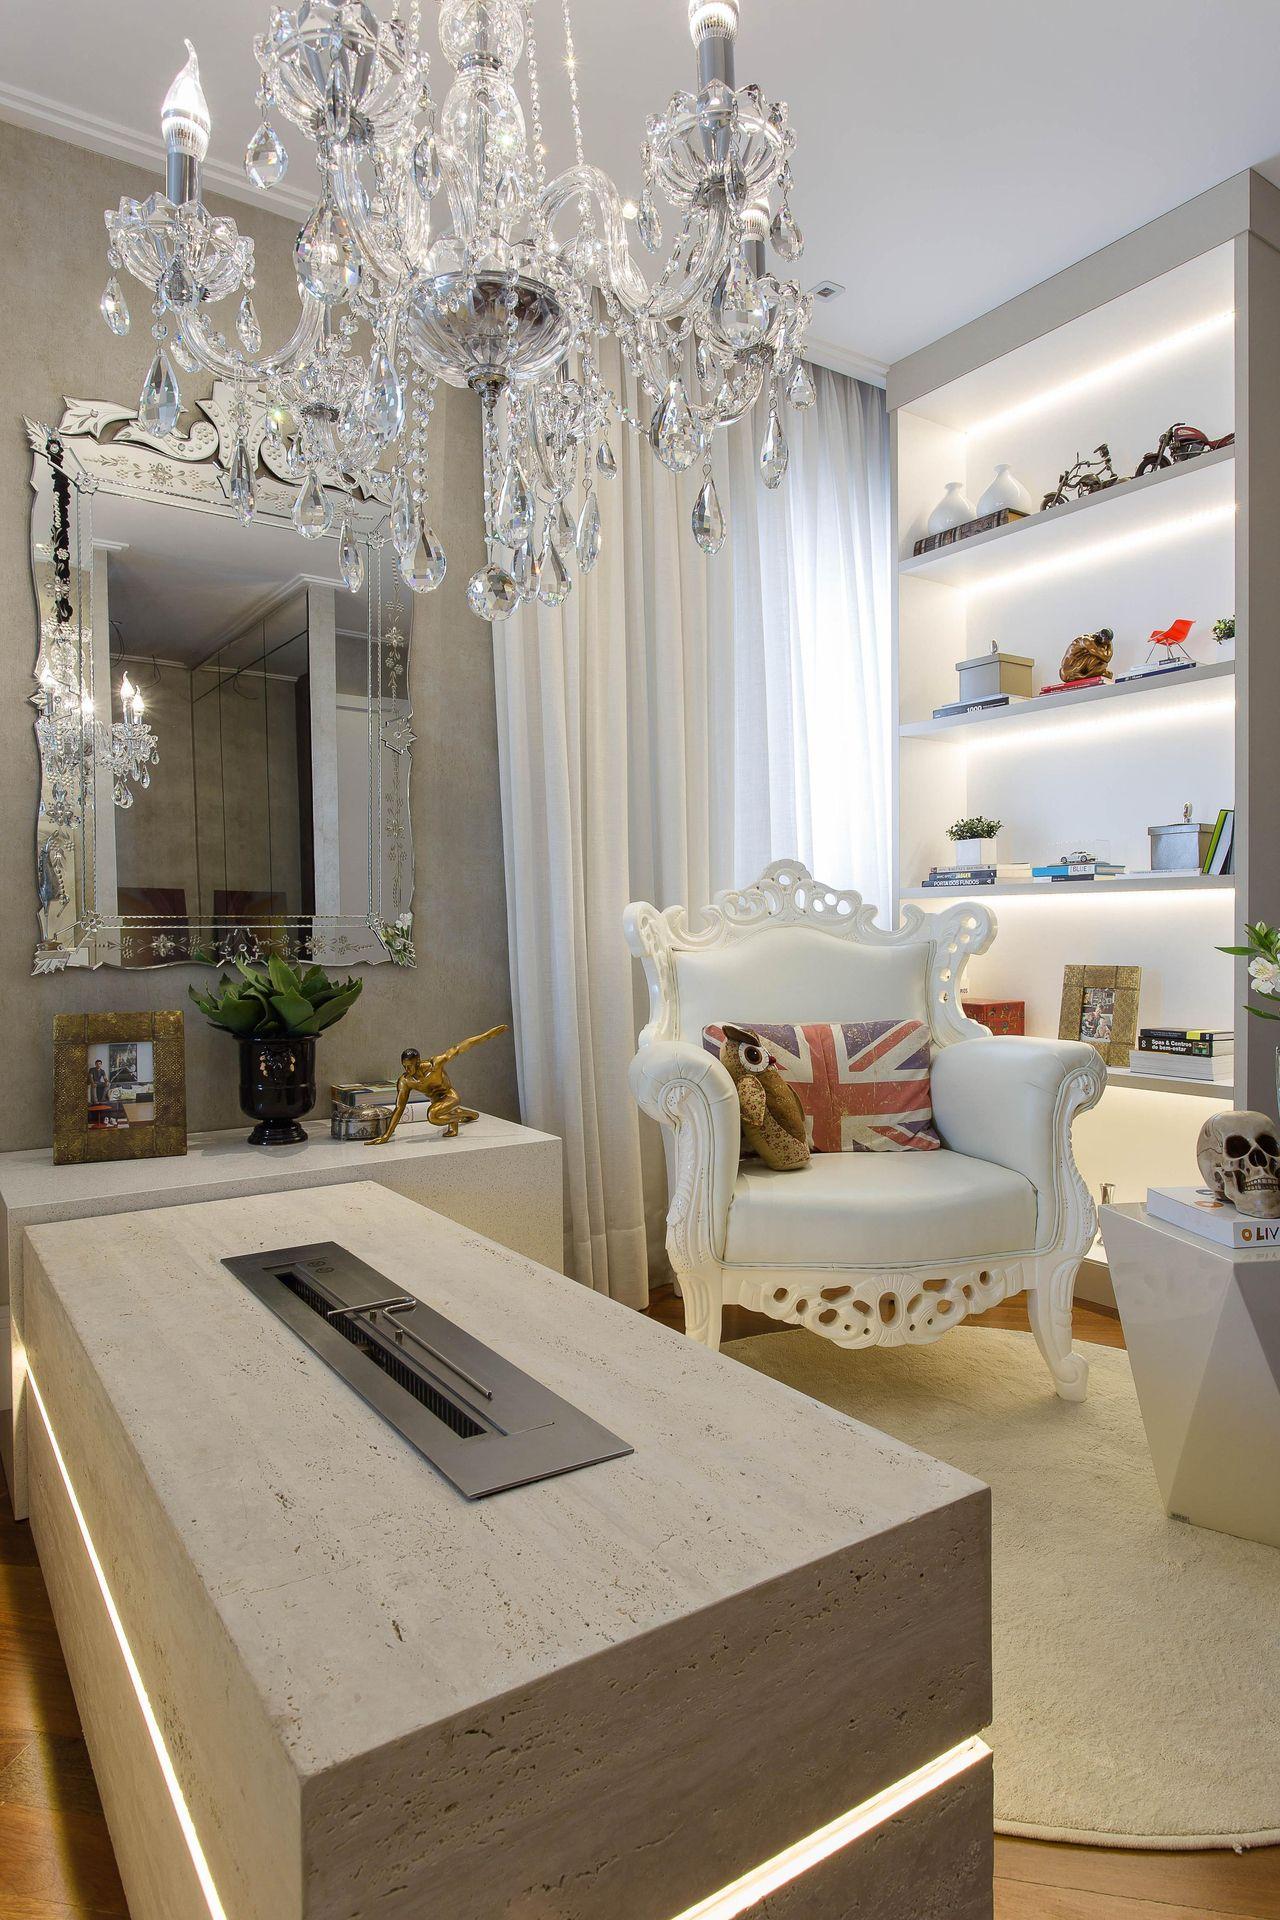 31b981943 Decoração Sala de estar com poltrona e almofada decorativa marciaacaro 36914